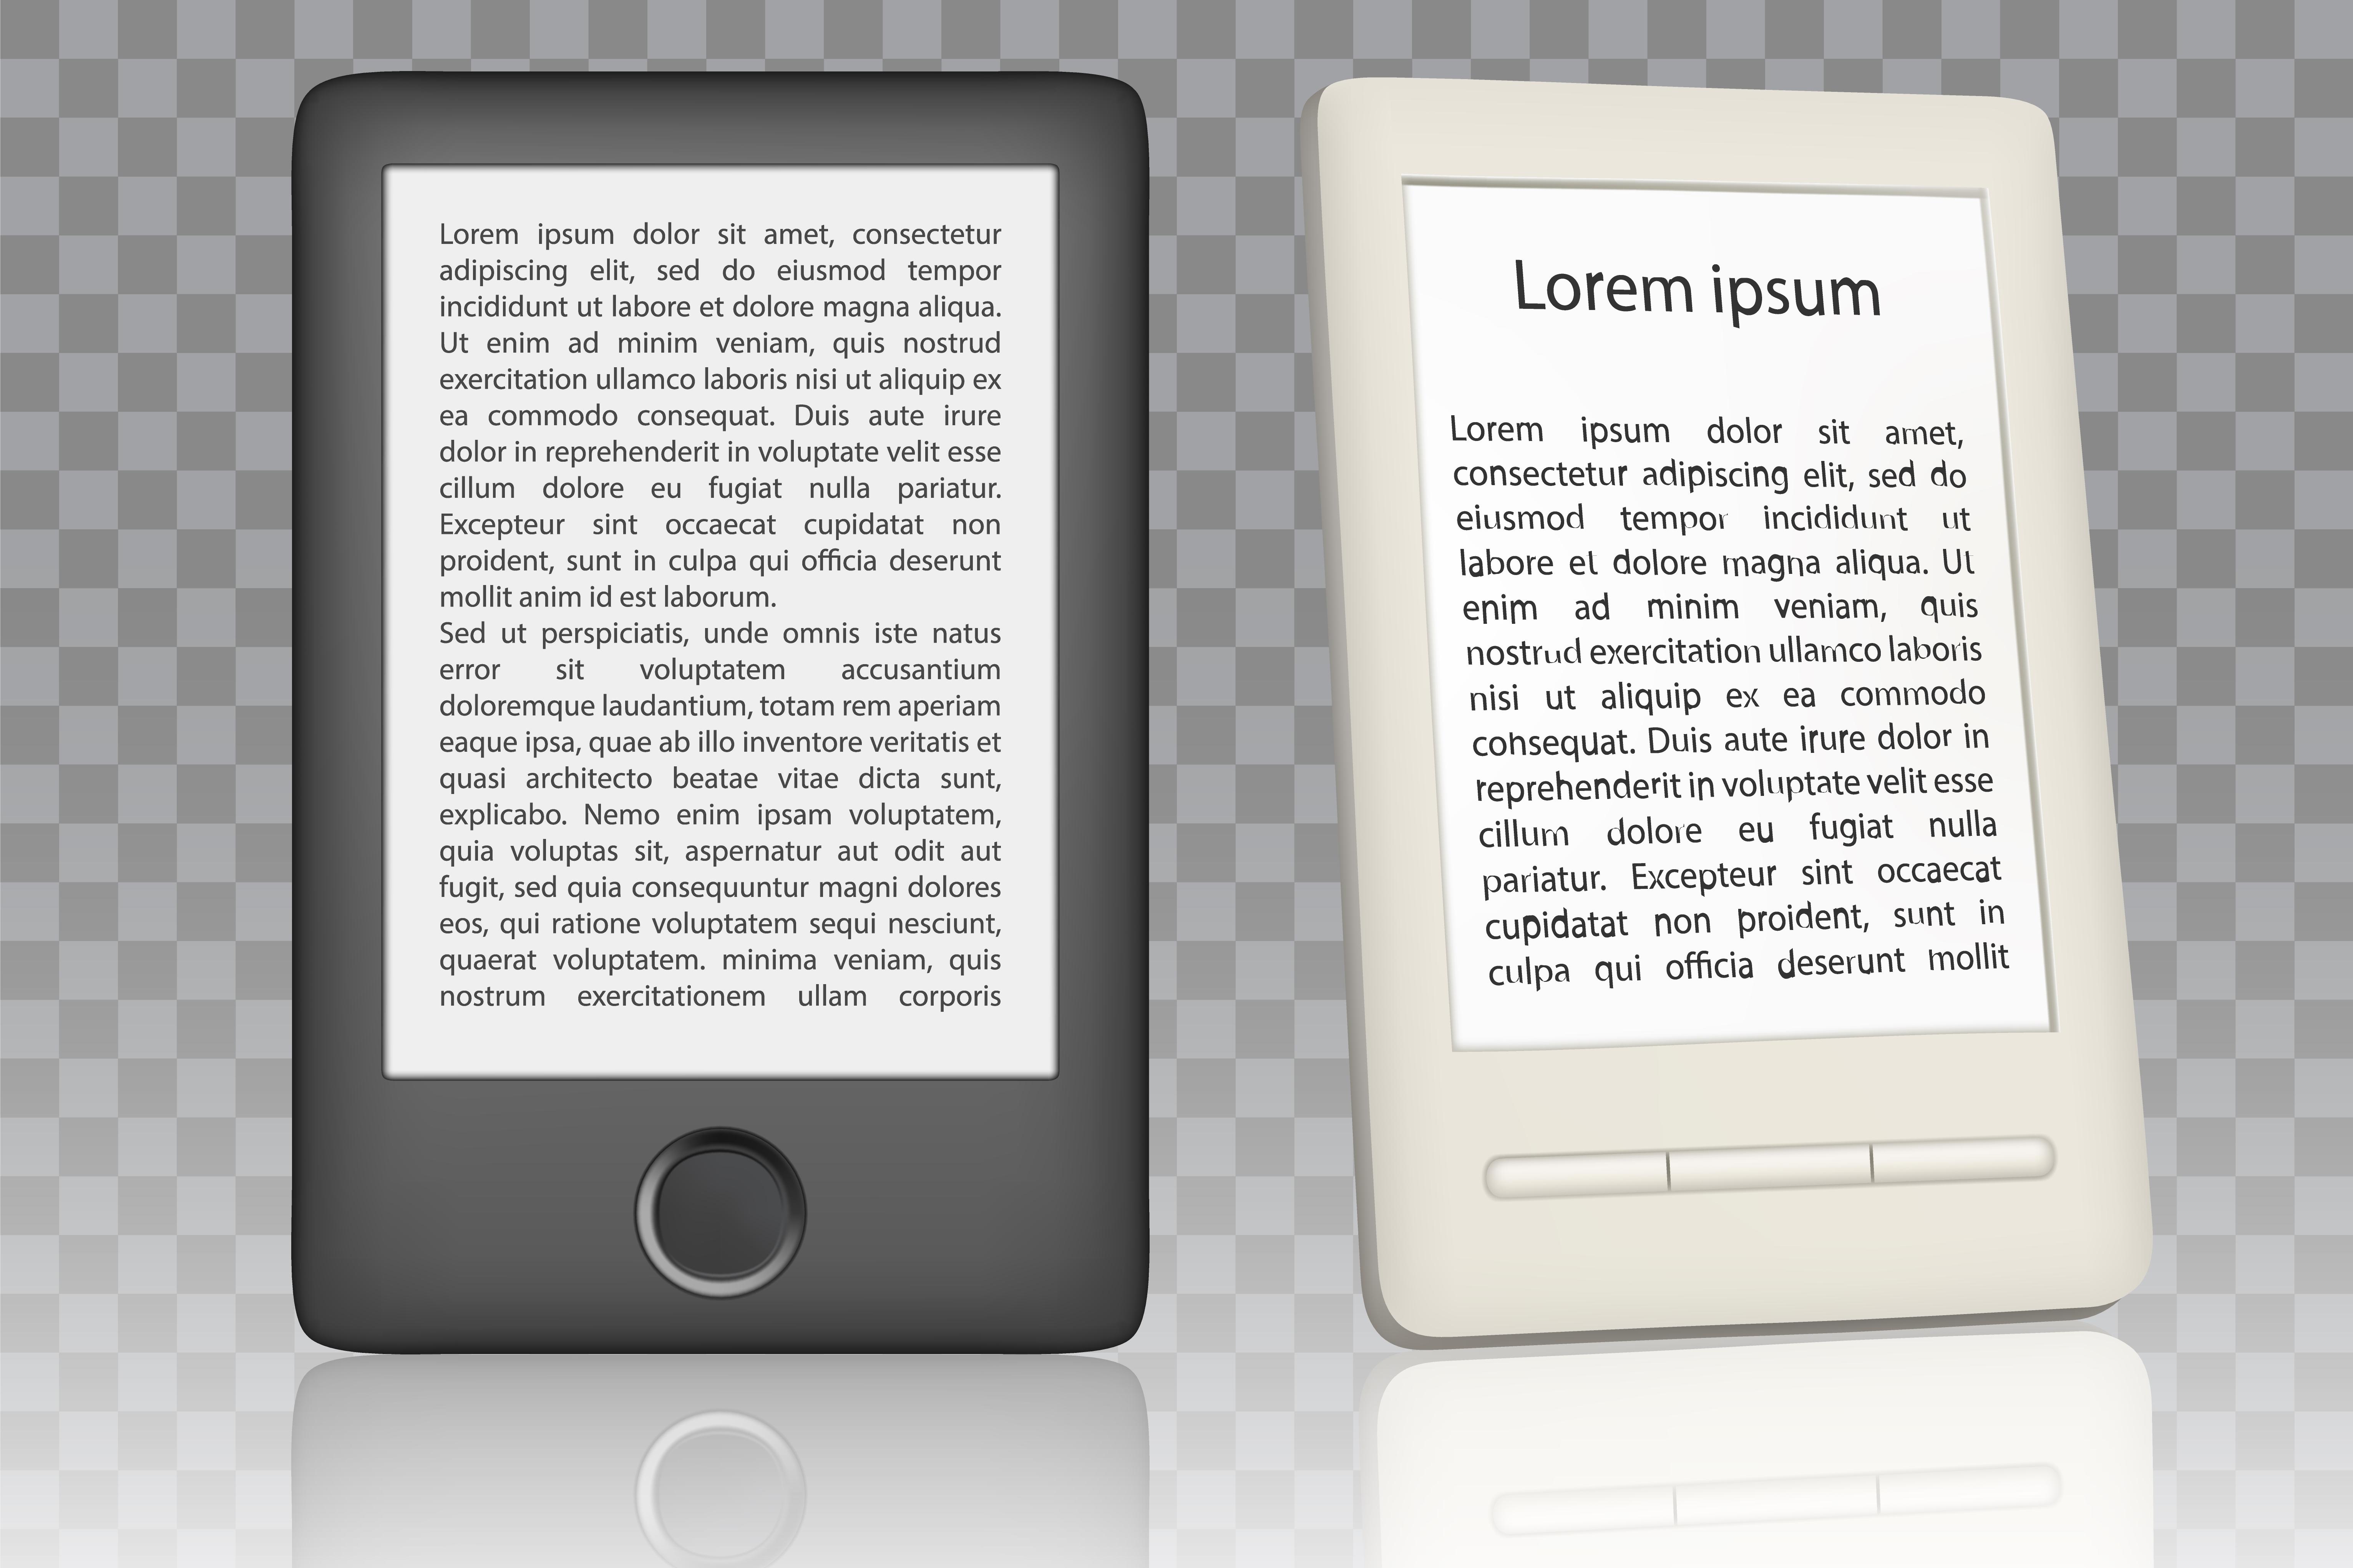 , (Polski) Niższe stawki VAT na e-booki oraz e-czasopisma w 2019 r.